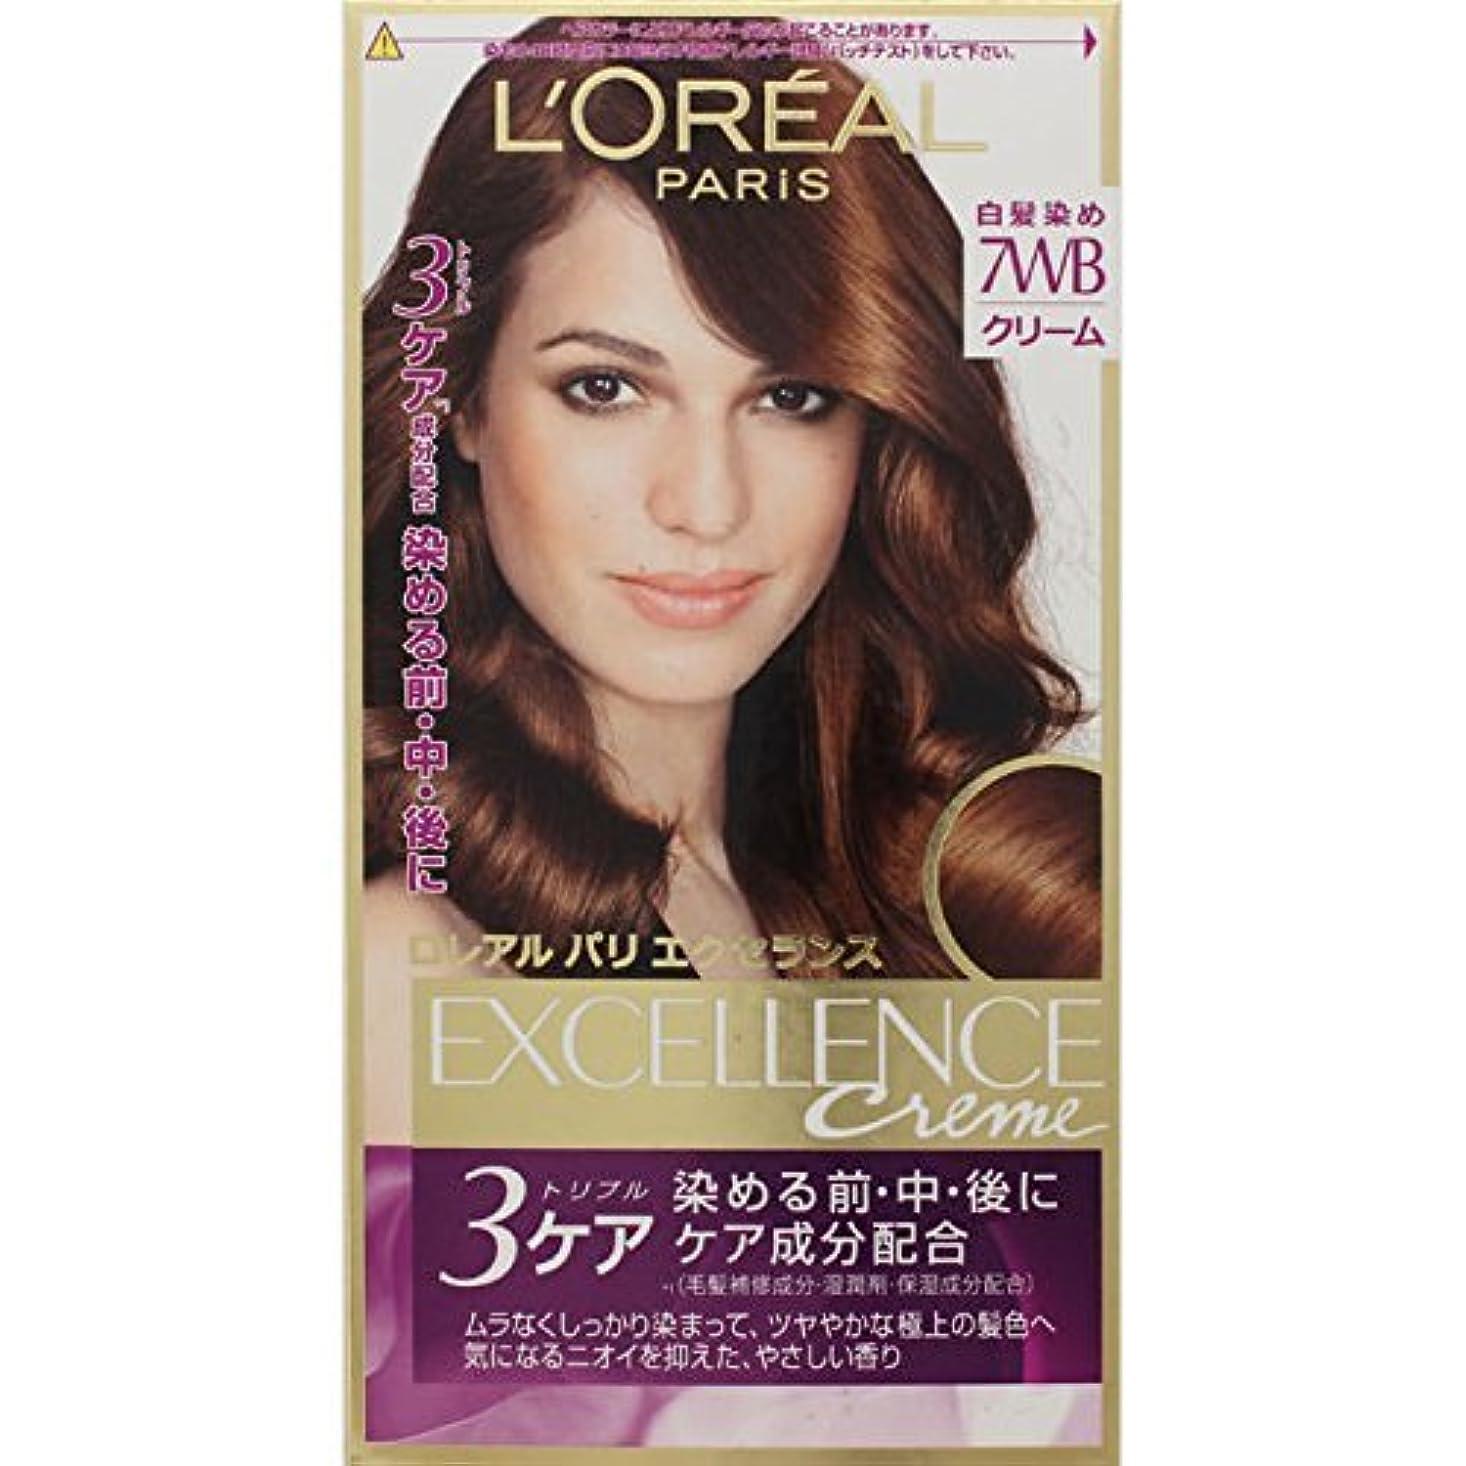 ライオン忙しい配当ロレアル パリ ヘアカラー 白髪染め エクセランス N クリームタイプ 7WB ウォーム系の明るい栗色